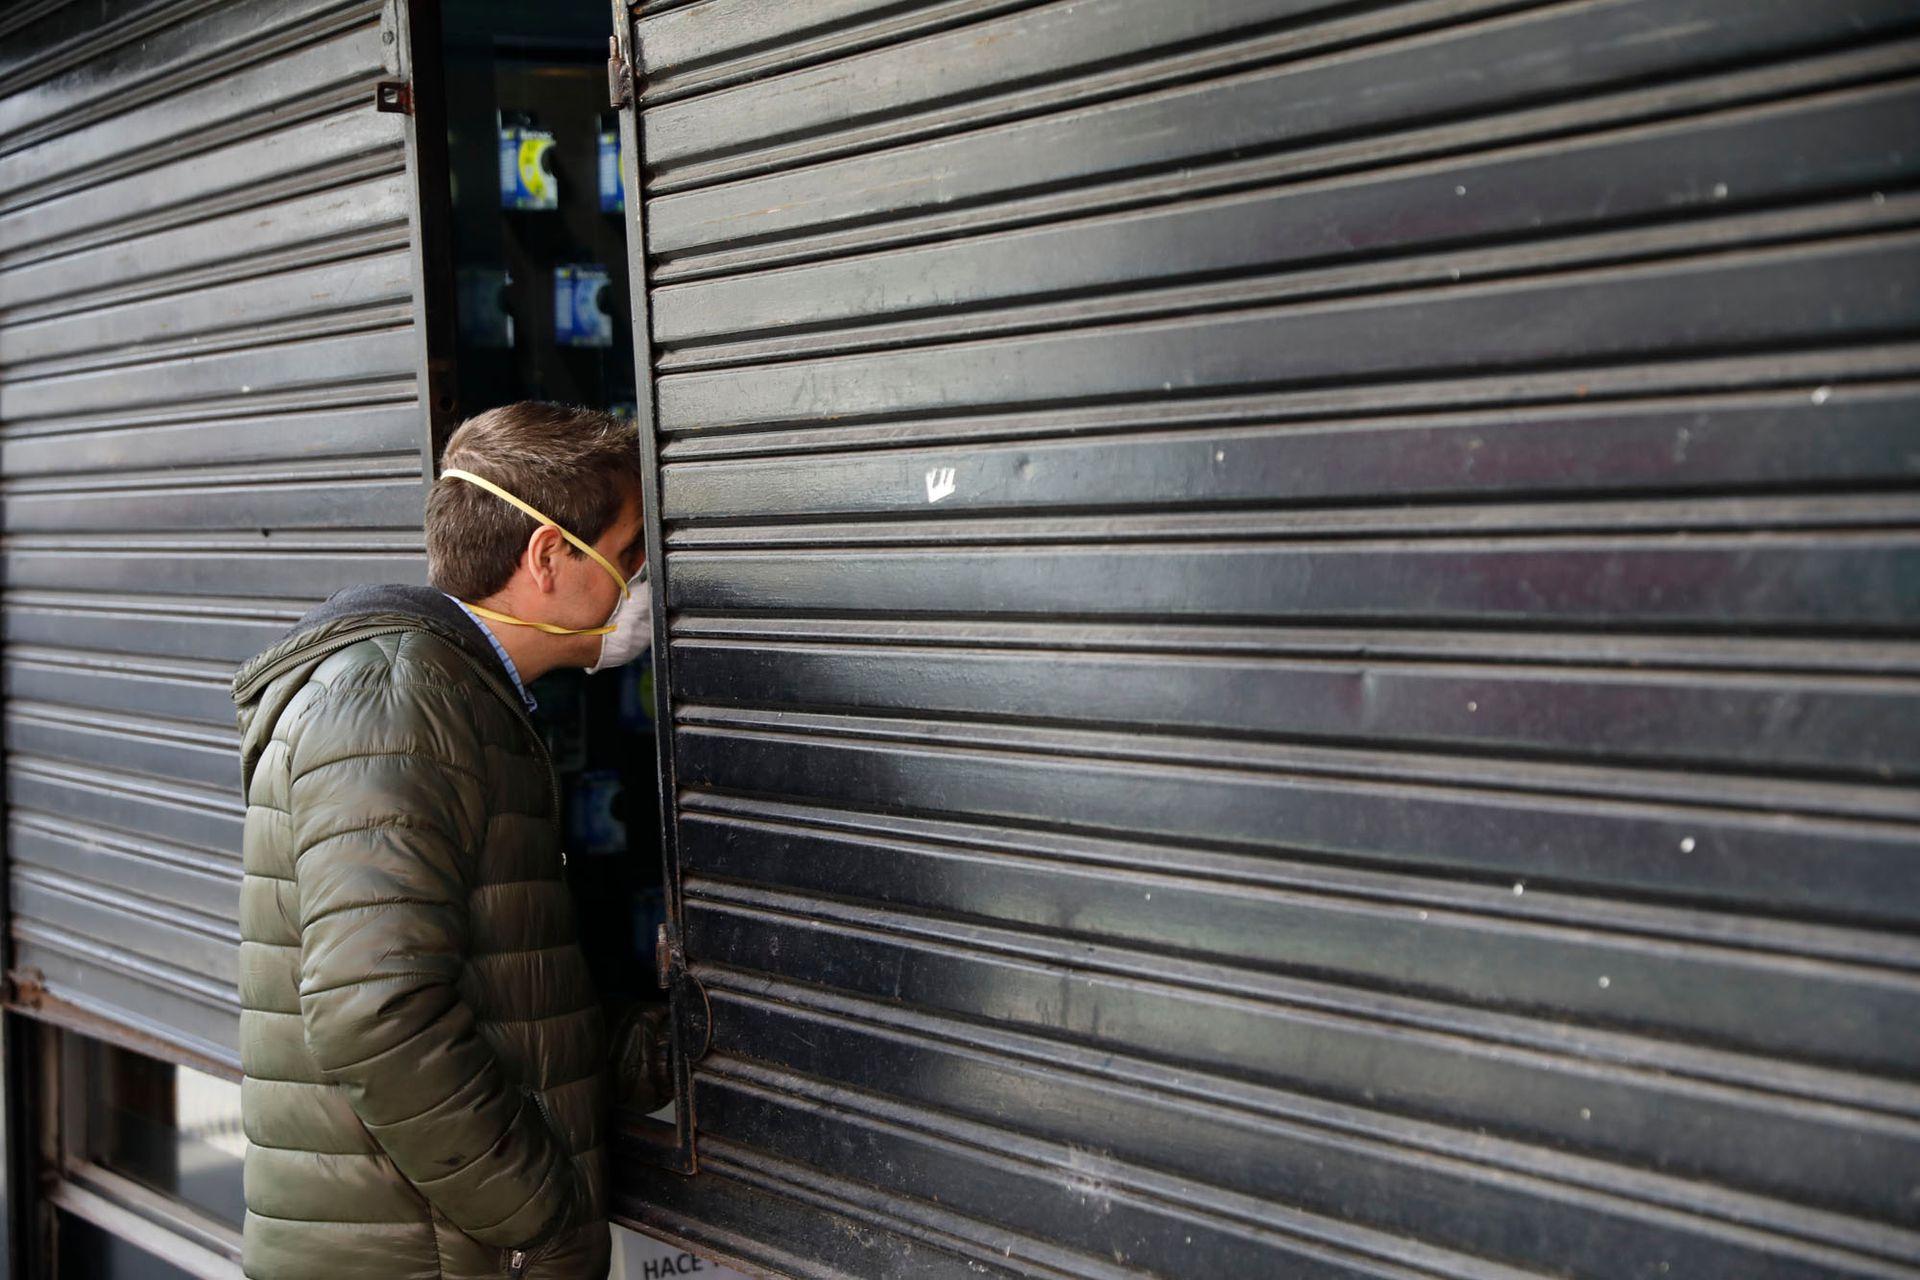 En el interior del país, donde la cuarentena por el nuevo coronavirus comenzó a flexibilizarse, a la economía le cuesta arrancar